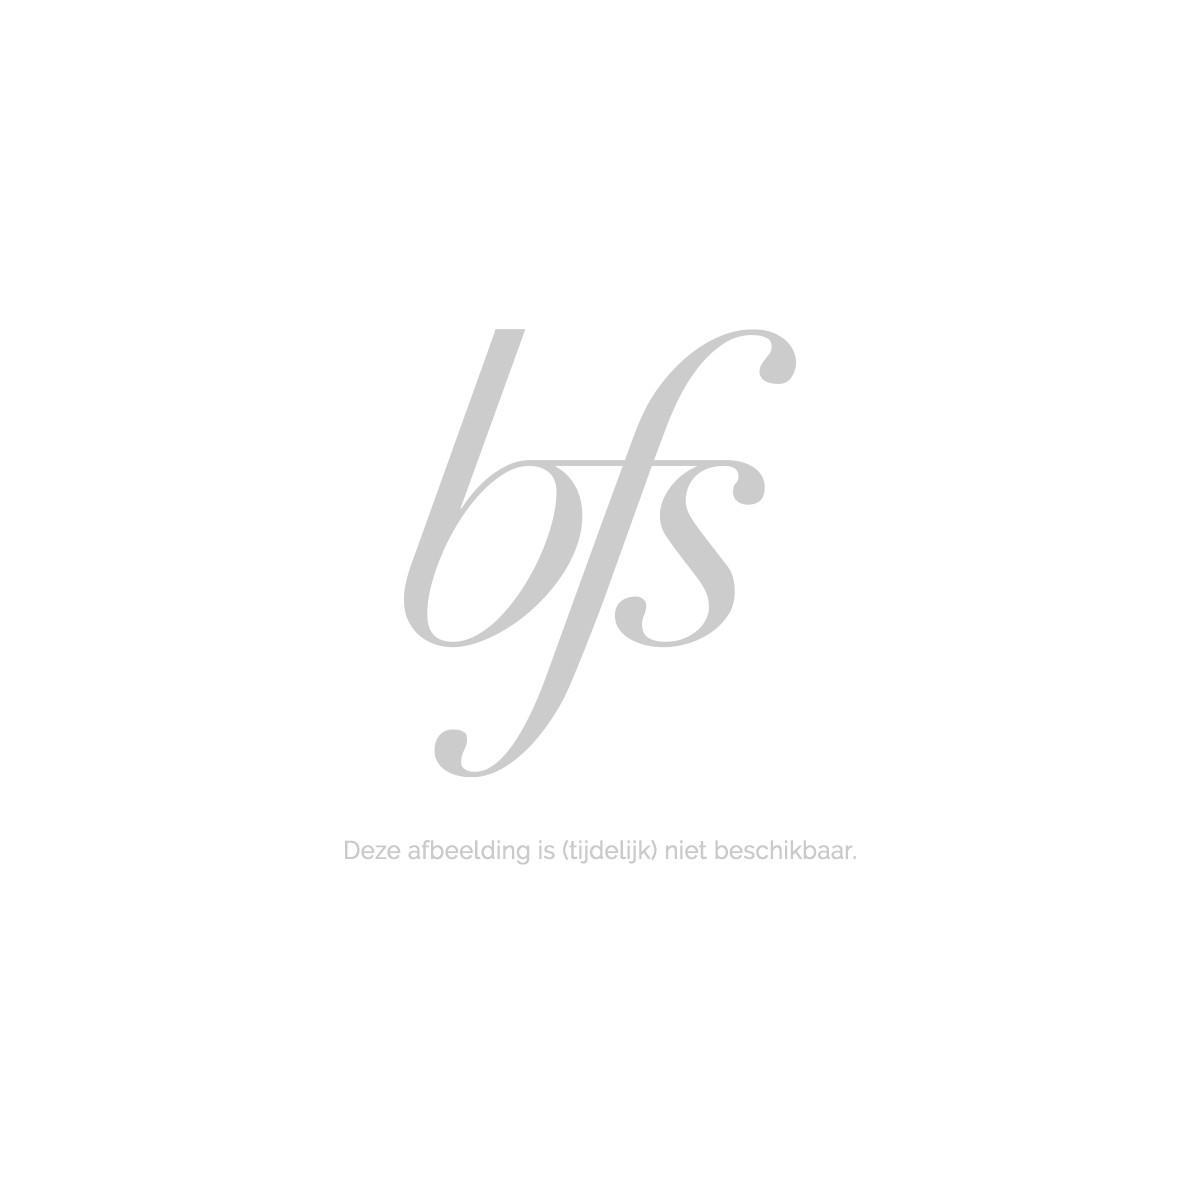 Afbeelding van Beautyblender Liner Designer Spiegeltjes Make up